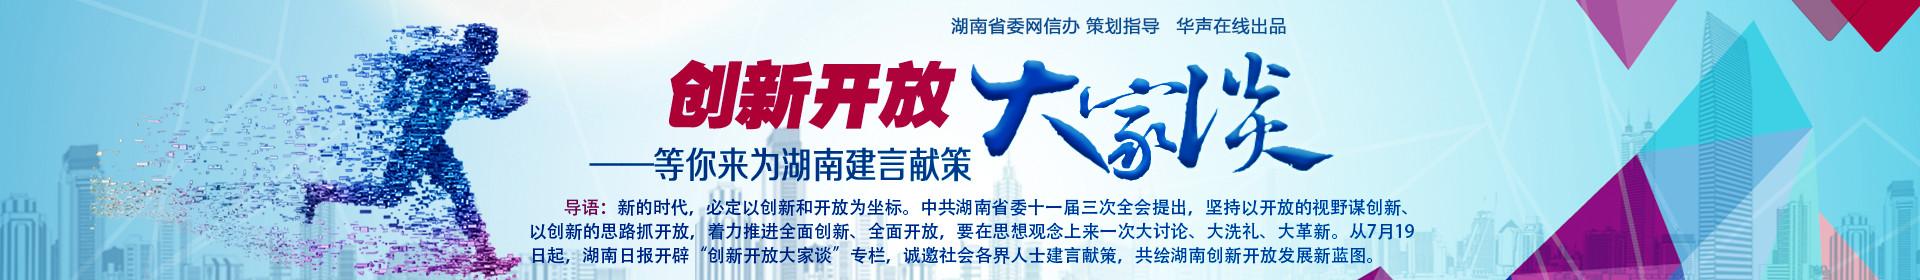 创新开放大家谈——等你来为湖南建言献策